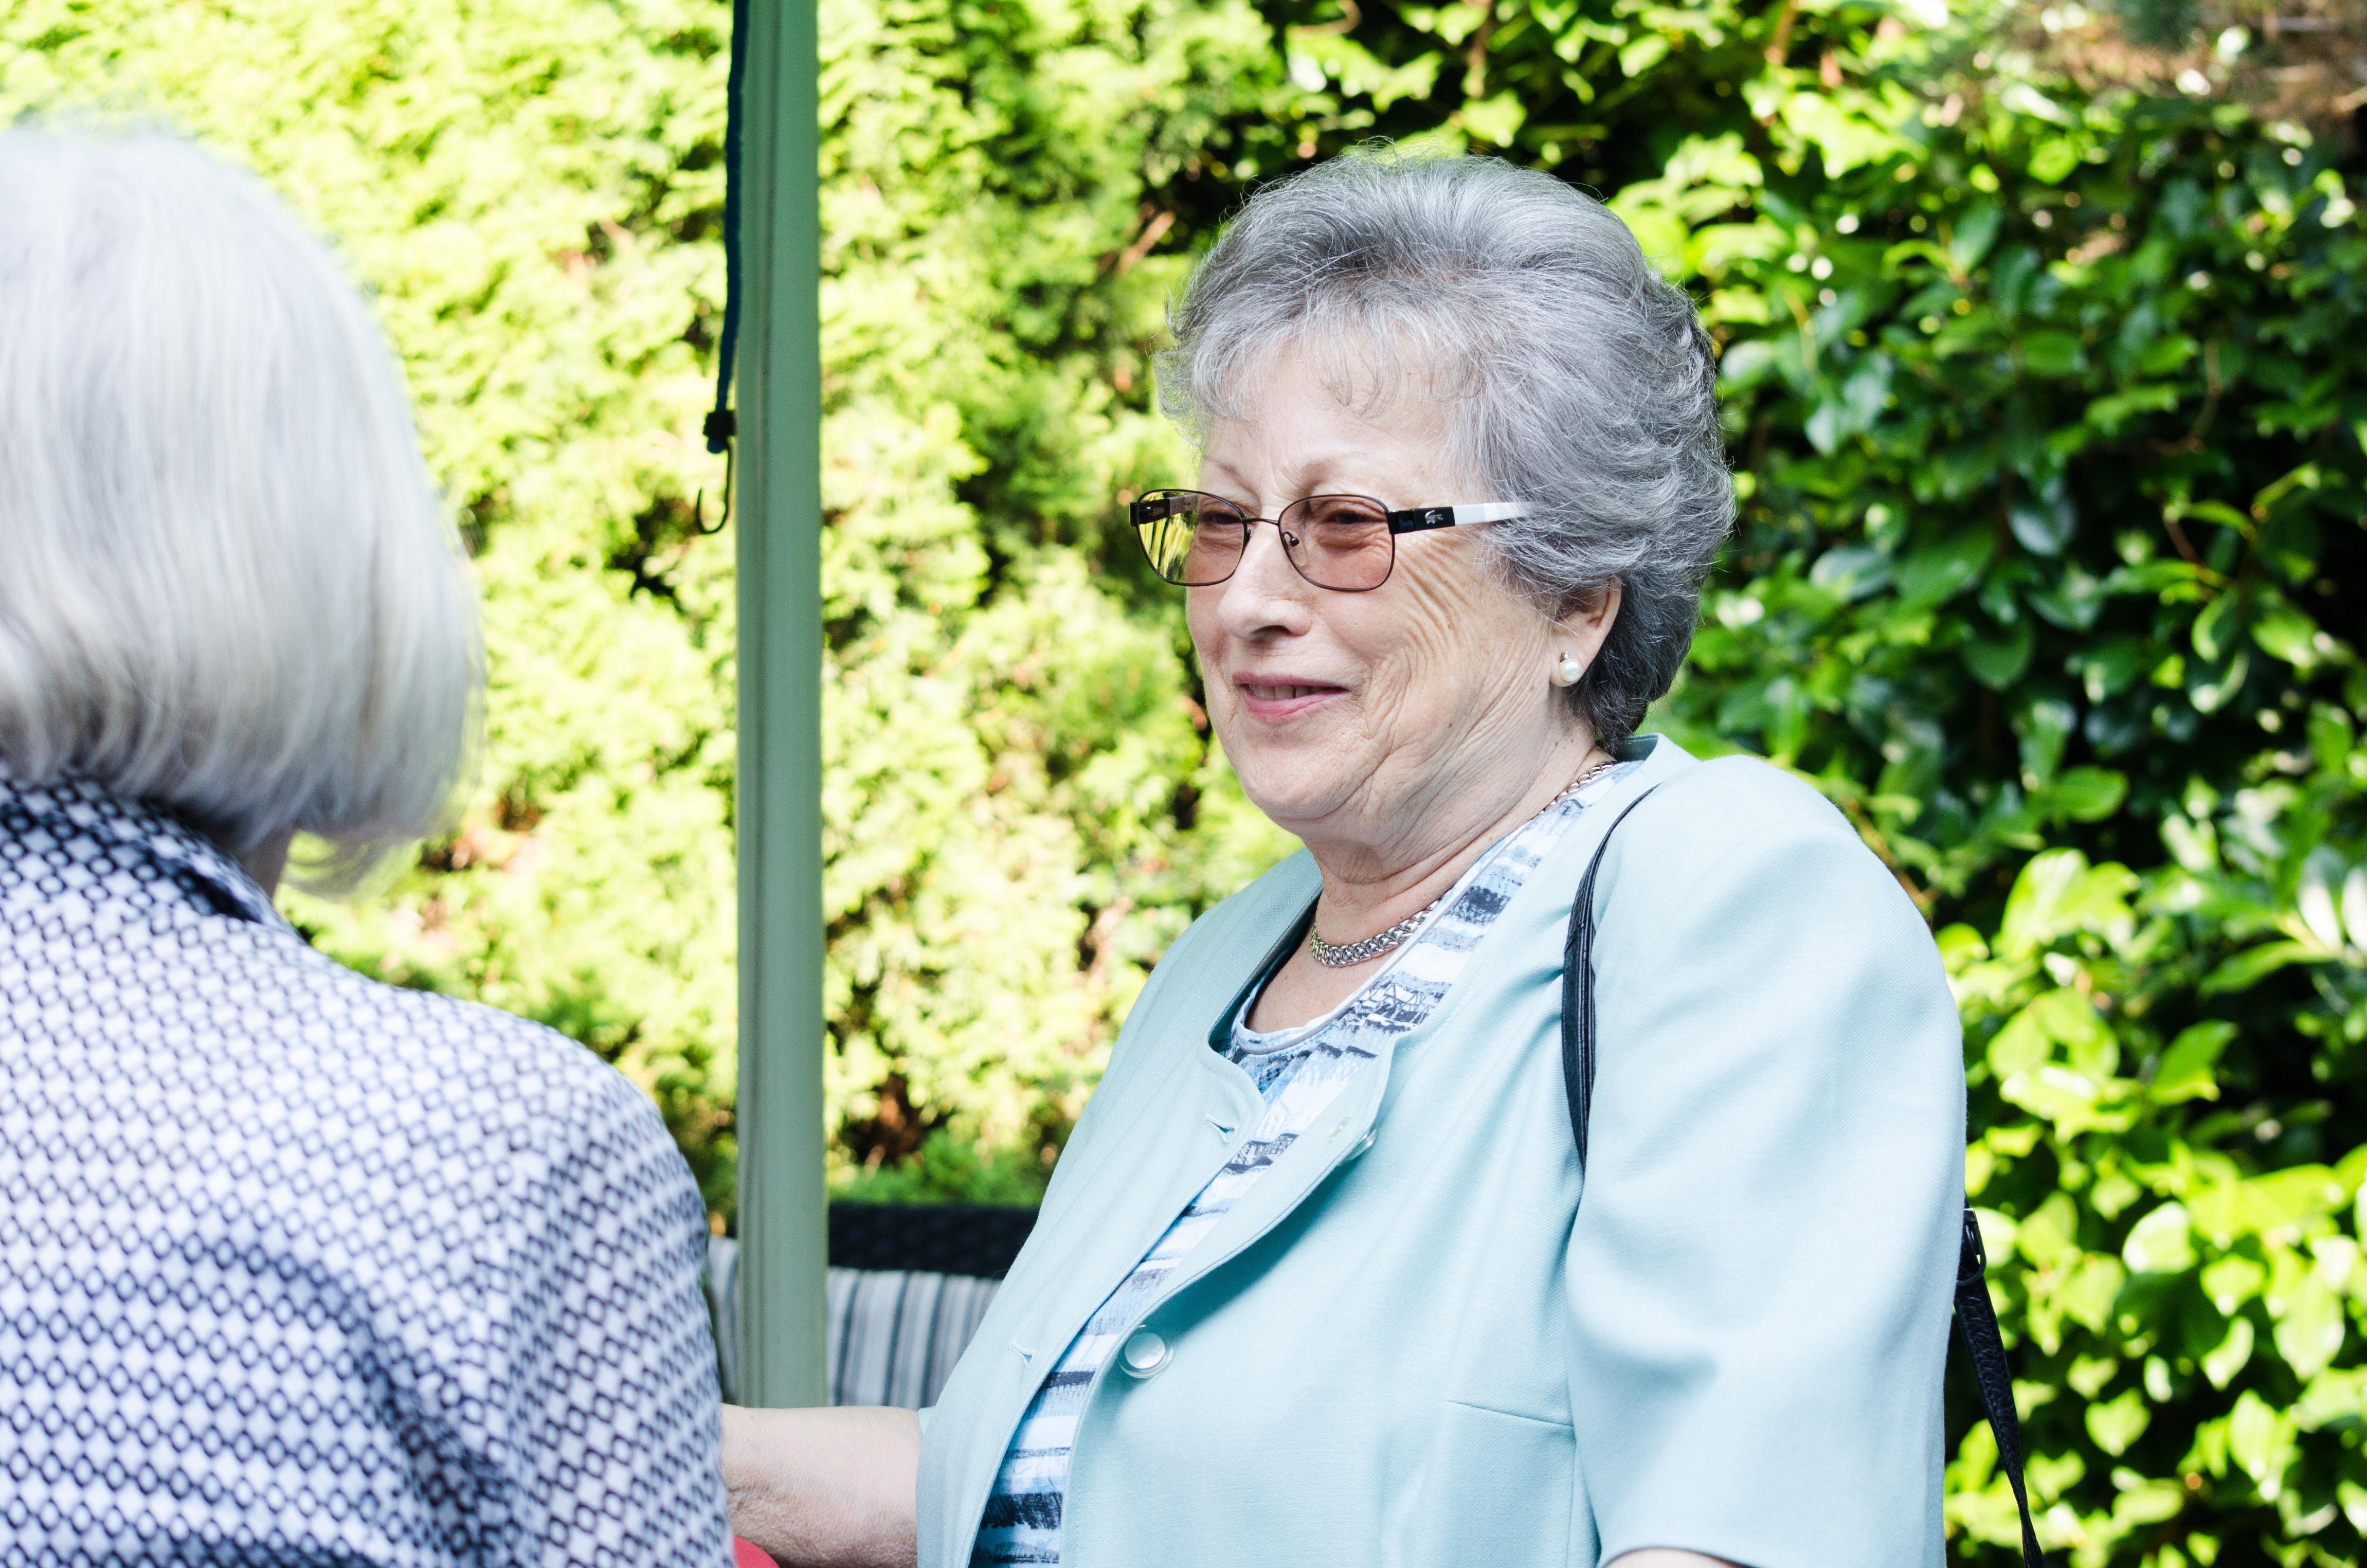 Hochzeitsfest_Sue und Stephan-10